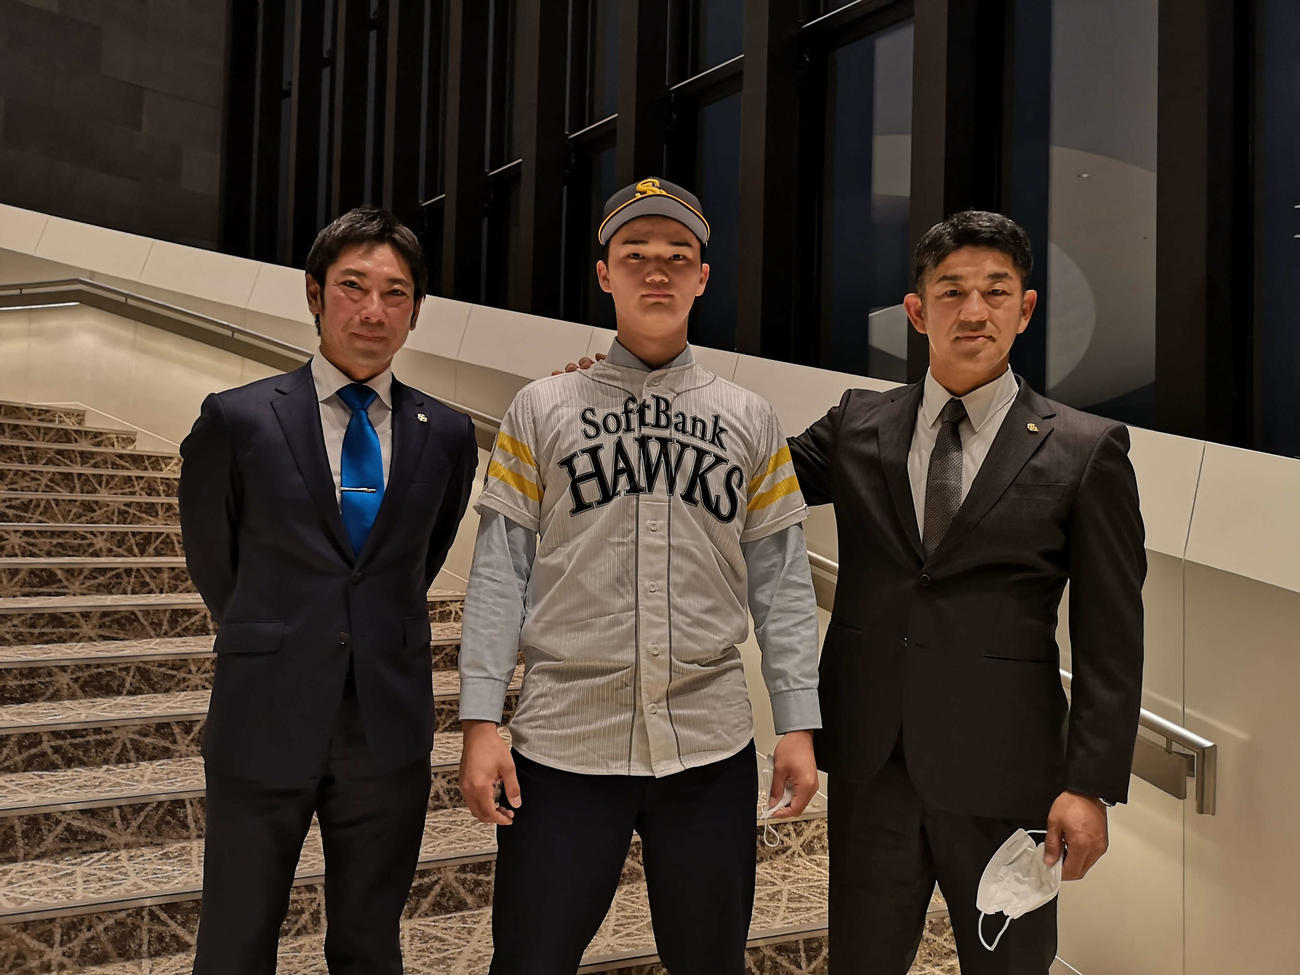 ソフトバンクと仮契約したドラフト5位の田上奏大(中央)。左は稲嶺誉スカウト、右は福山龍太郎アマスカウトチーフ